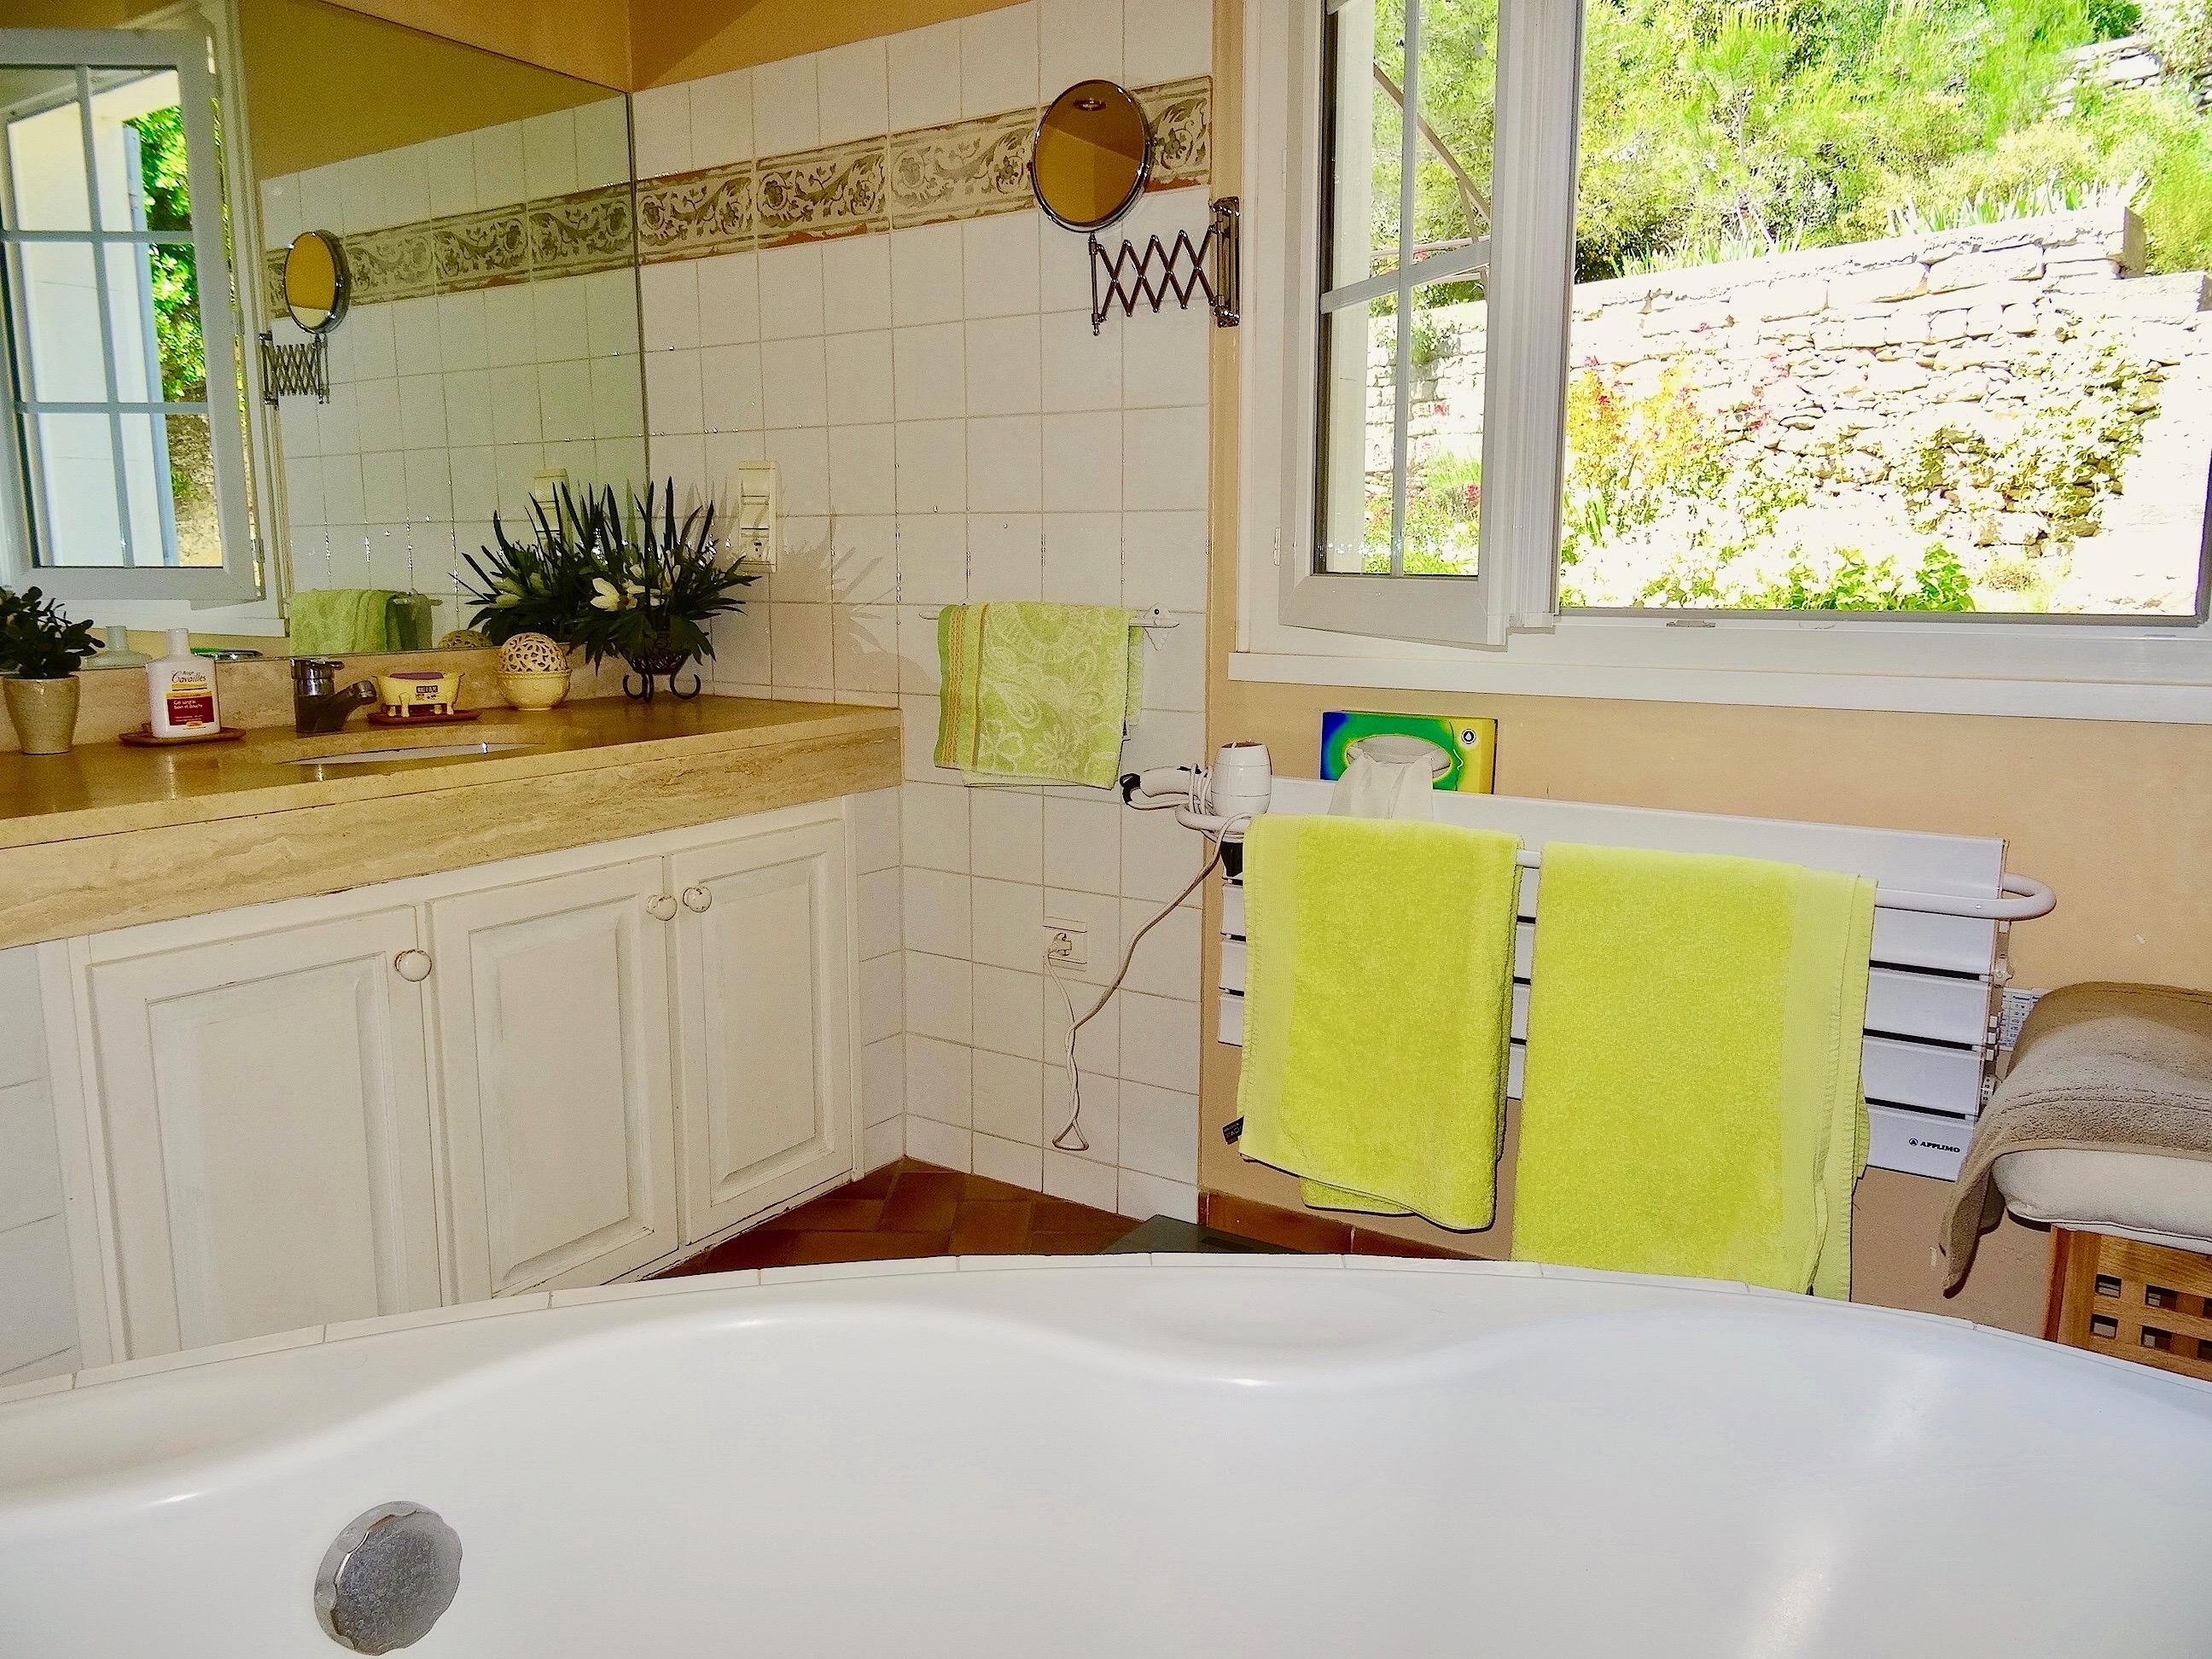 louer sa maison pour les vacances cool maison beaucaire location vacances location saisonnire n. Black Bedroom Furniture Sets. Home Design Ideas